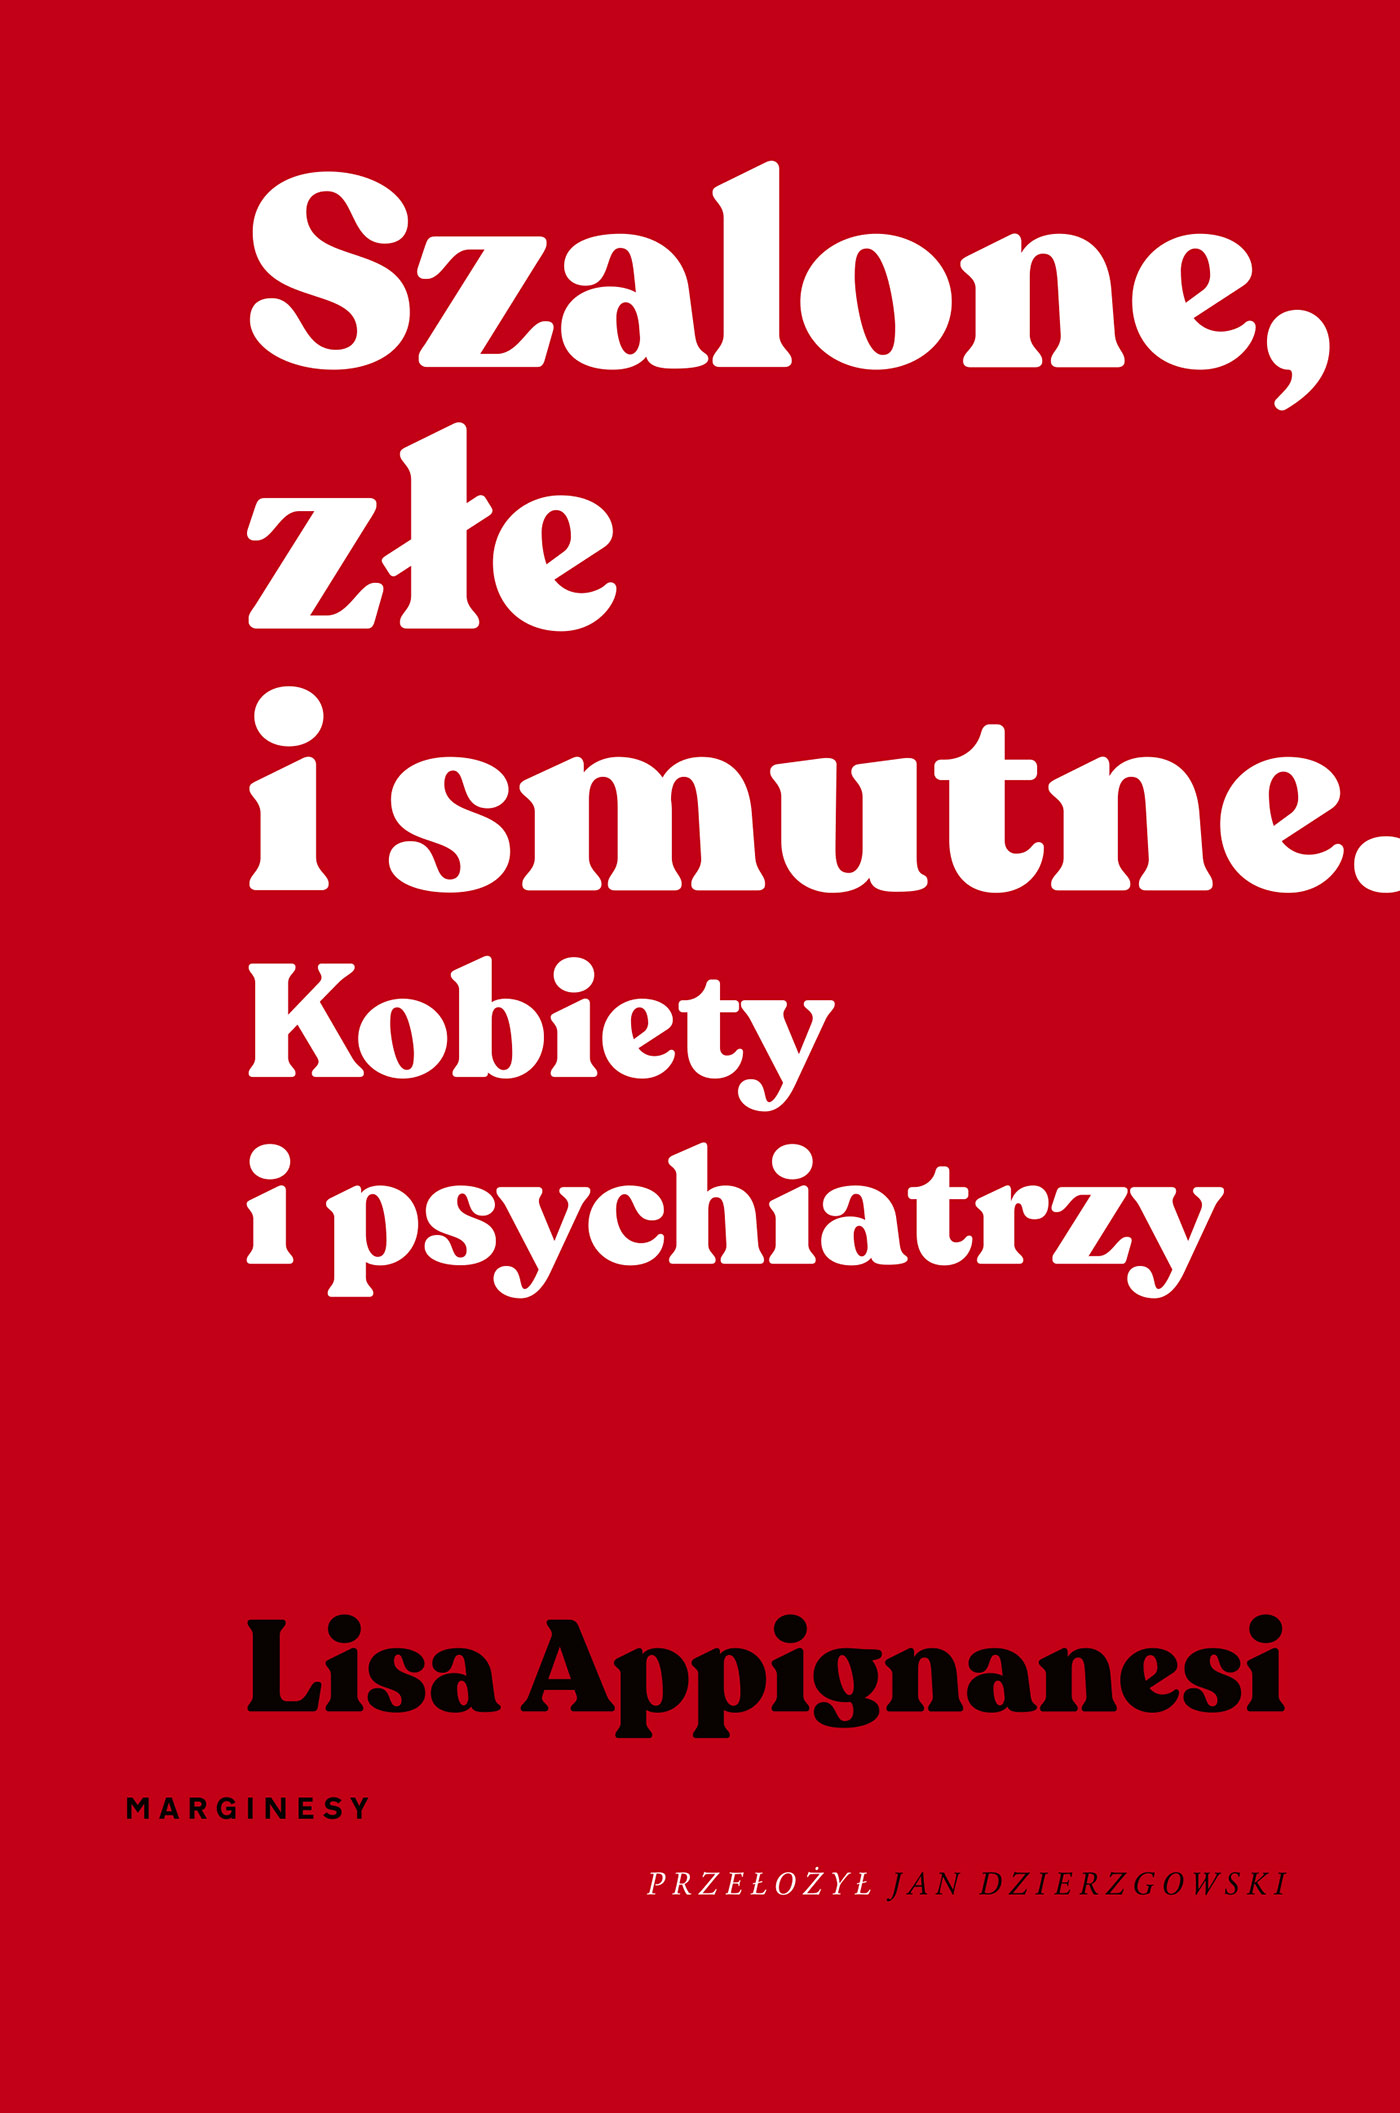 """SZPIEG W KSIĘGARNI: """"Szalone, złe i smutne. Kobiety i psychiatrzy"""" Lisa Appignanesi - recenzja"""